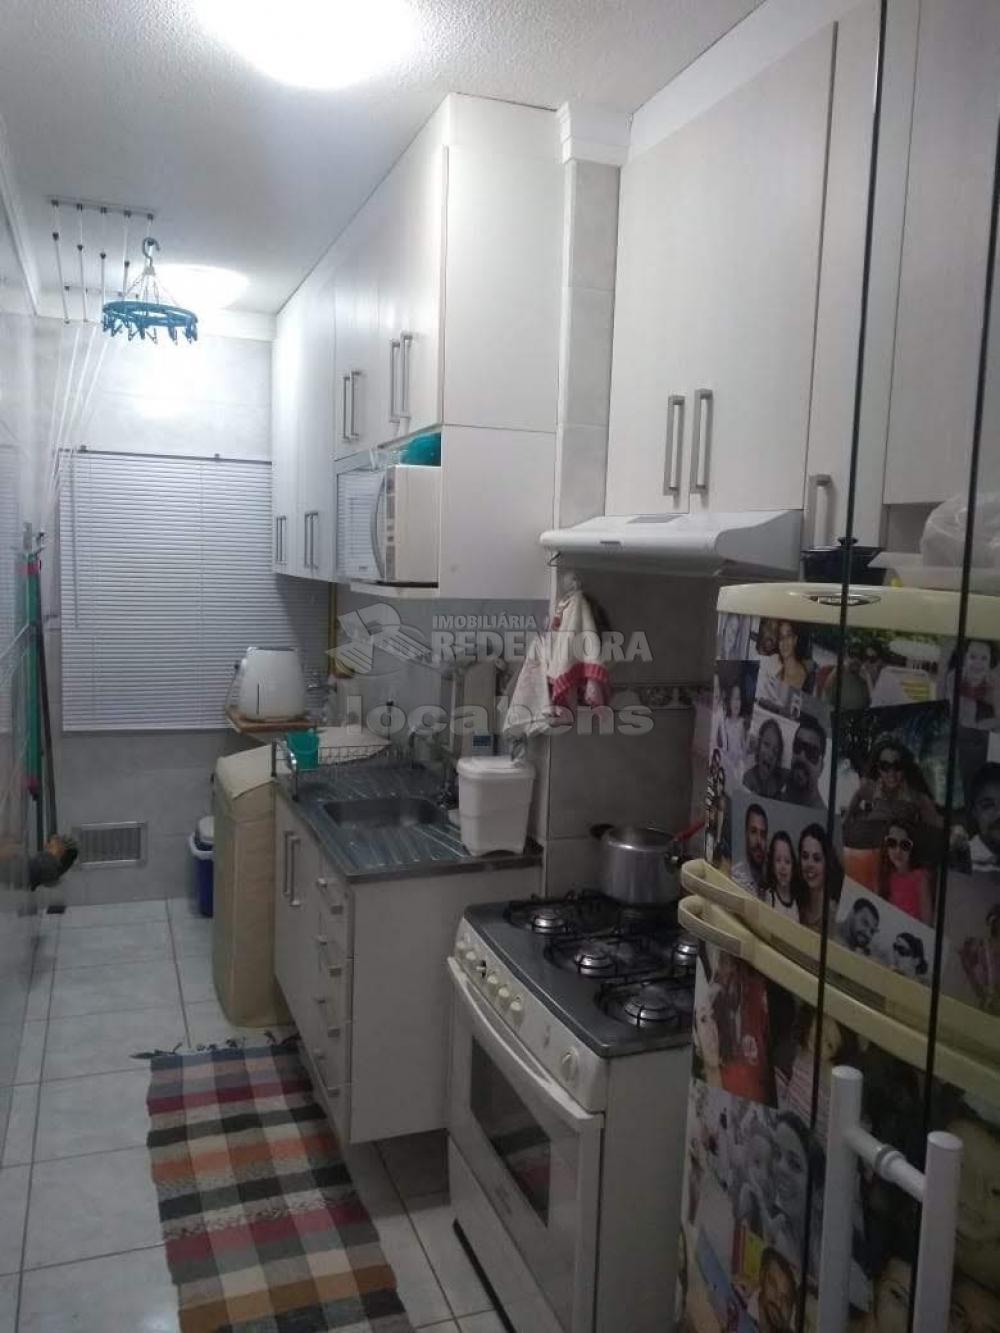 Comprar Apartamento / Padrão em São José do Rio Preto R$ 215.000,00 - Foto 2